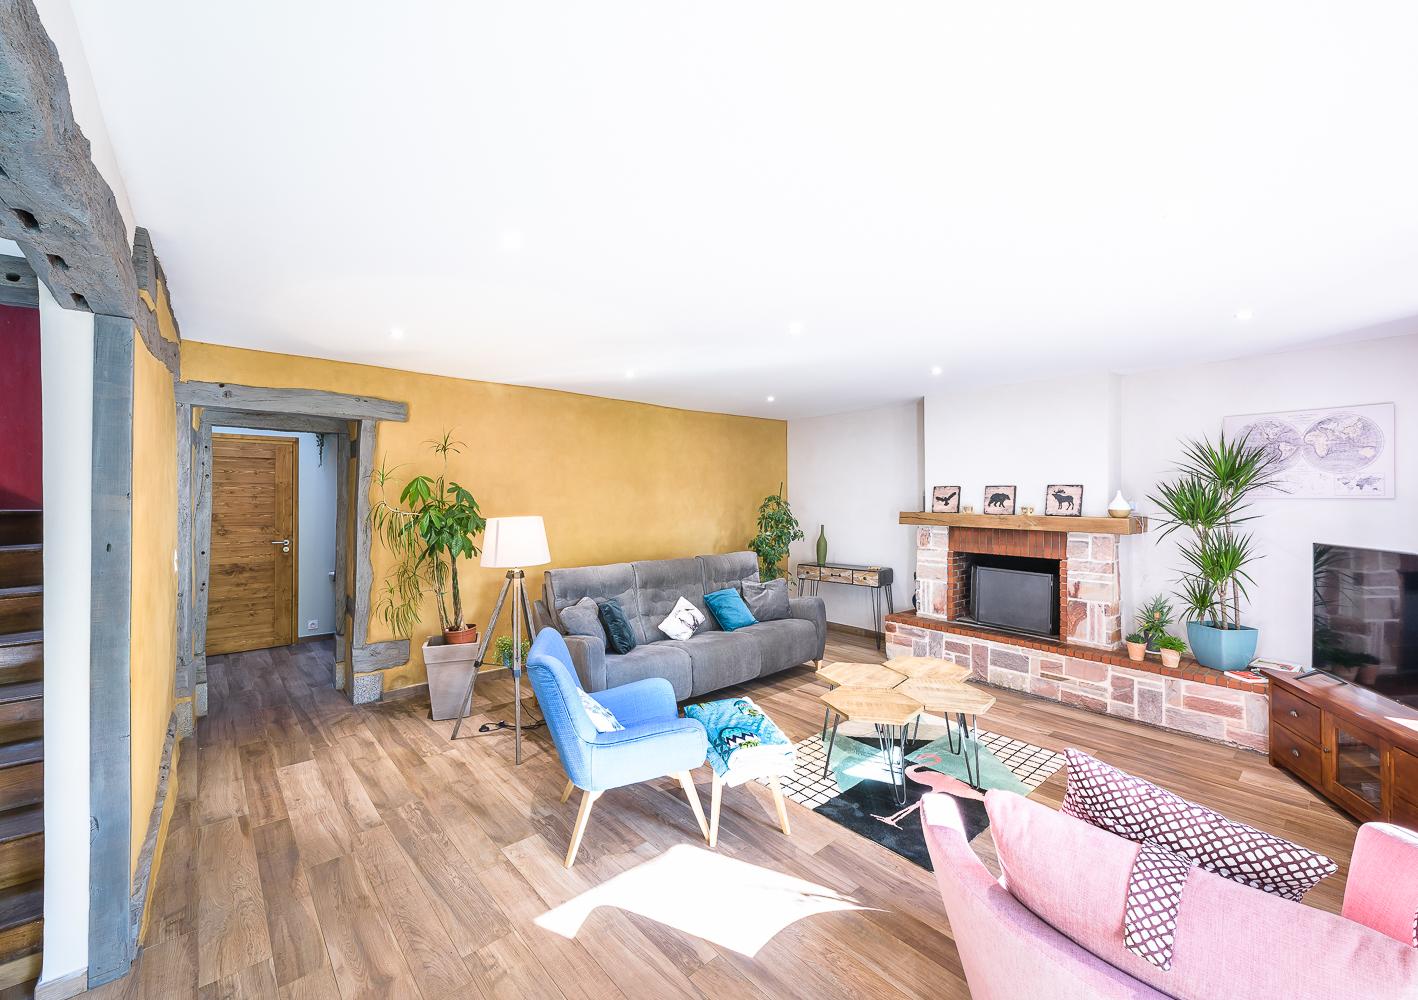 salon maison en terre